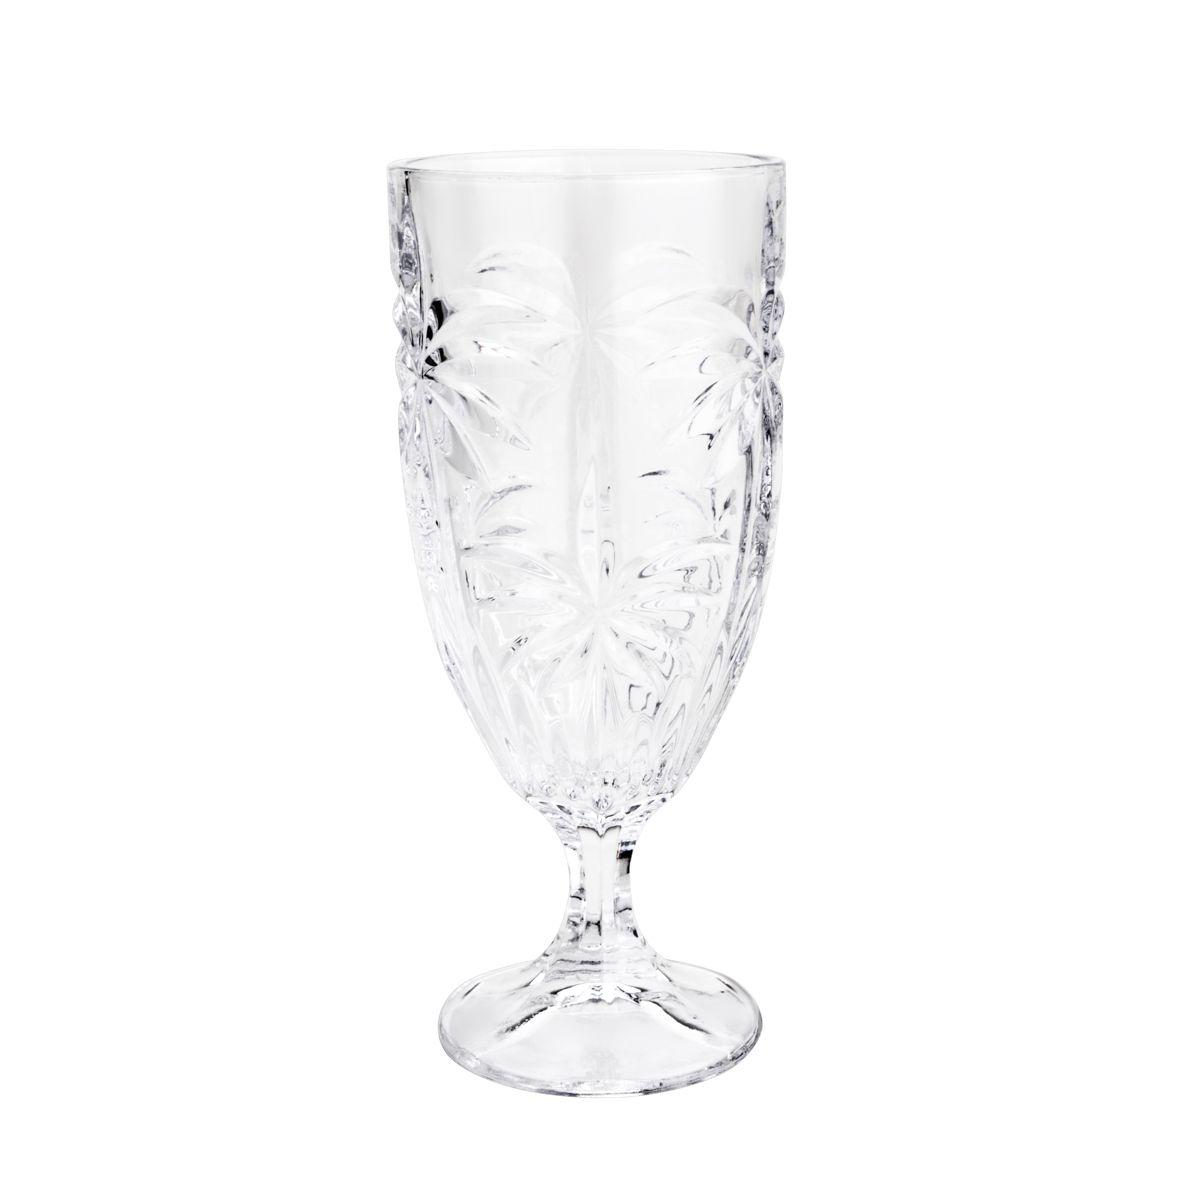 Jogo 6 taças 450ml para água de cristal transparente Palm Tree Wolff - 27440